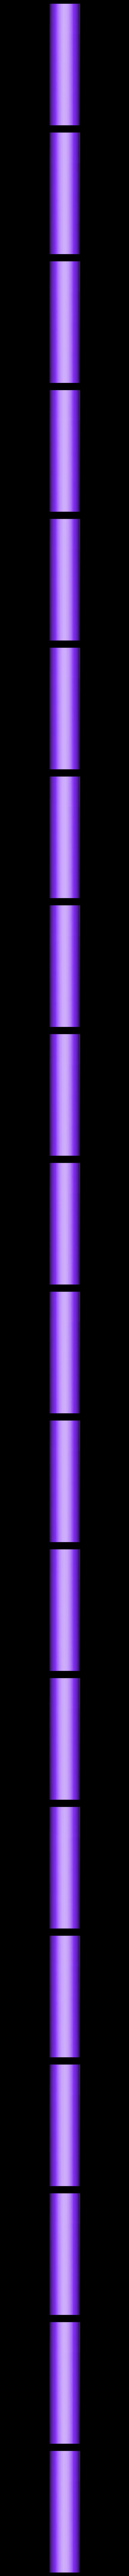 DeepDorsalVeinLeft.stl Télécharger fichier STL Puzzle de la section tranchée du clitoris • Plan pour impression 3D, 3D_Maniac